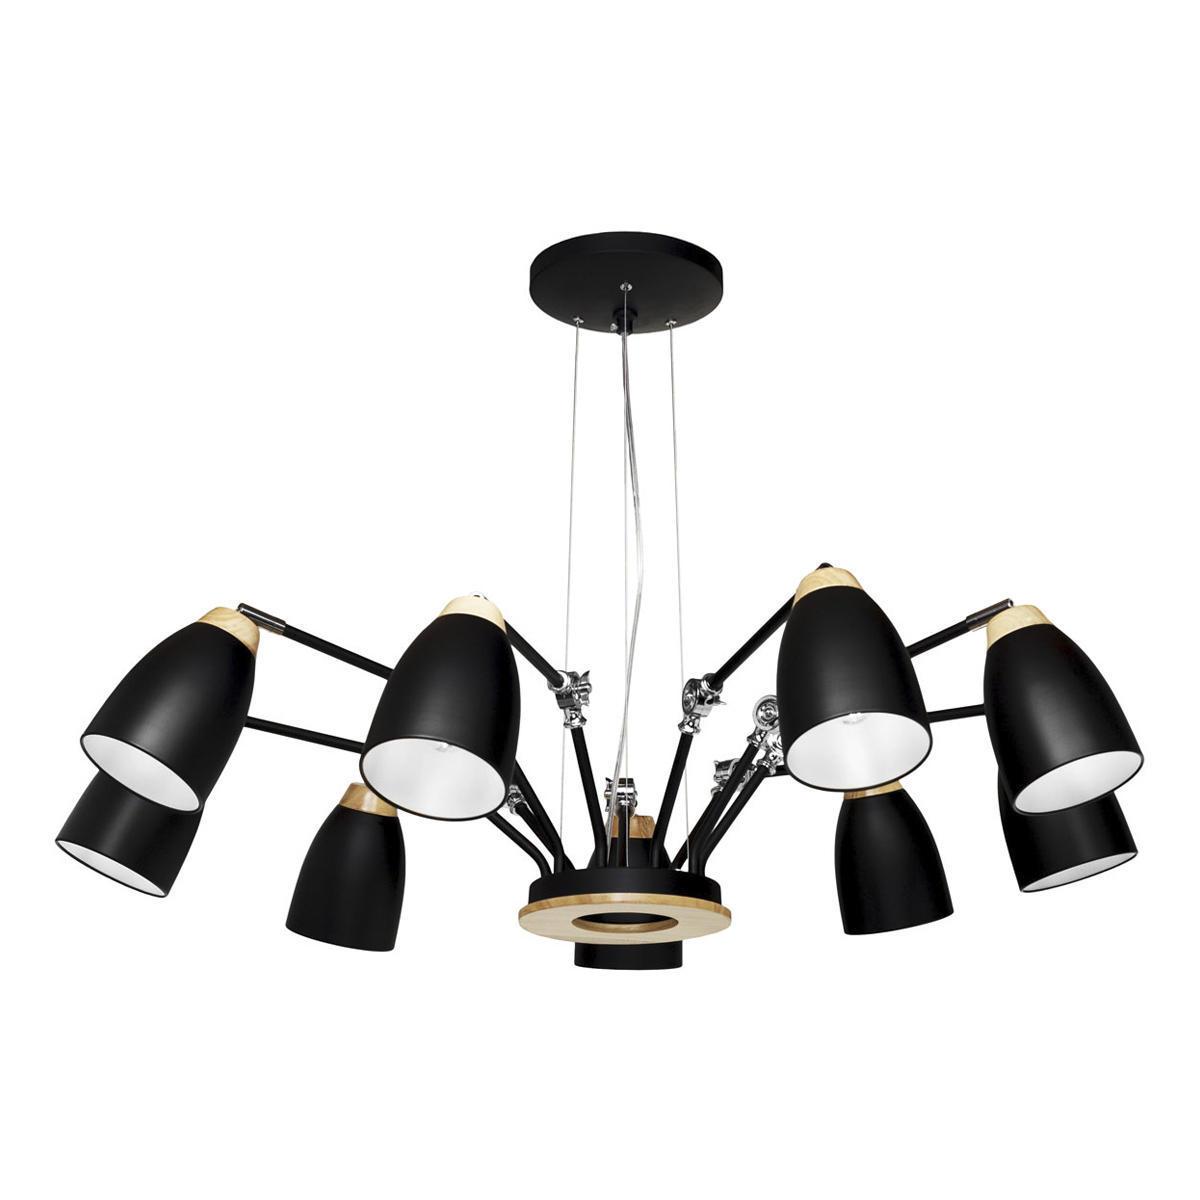 Подвесная люстра с регулировкой направления света Loft It Watchman LOFT4402/9BL, 9xE27x60W, черный с коричневым, металл, металл с деревом - фото 1